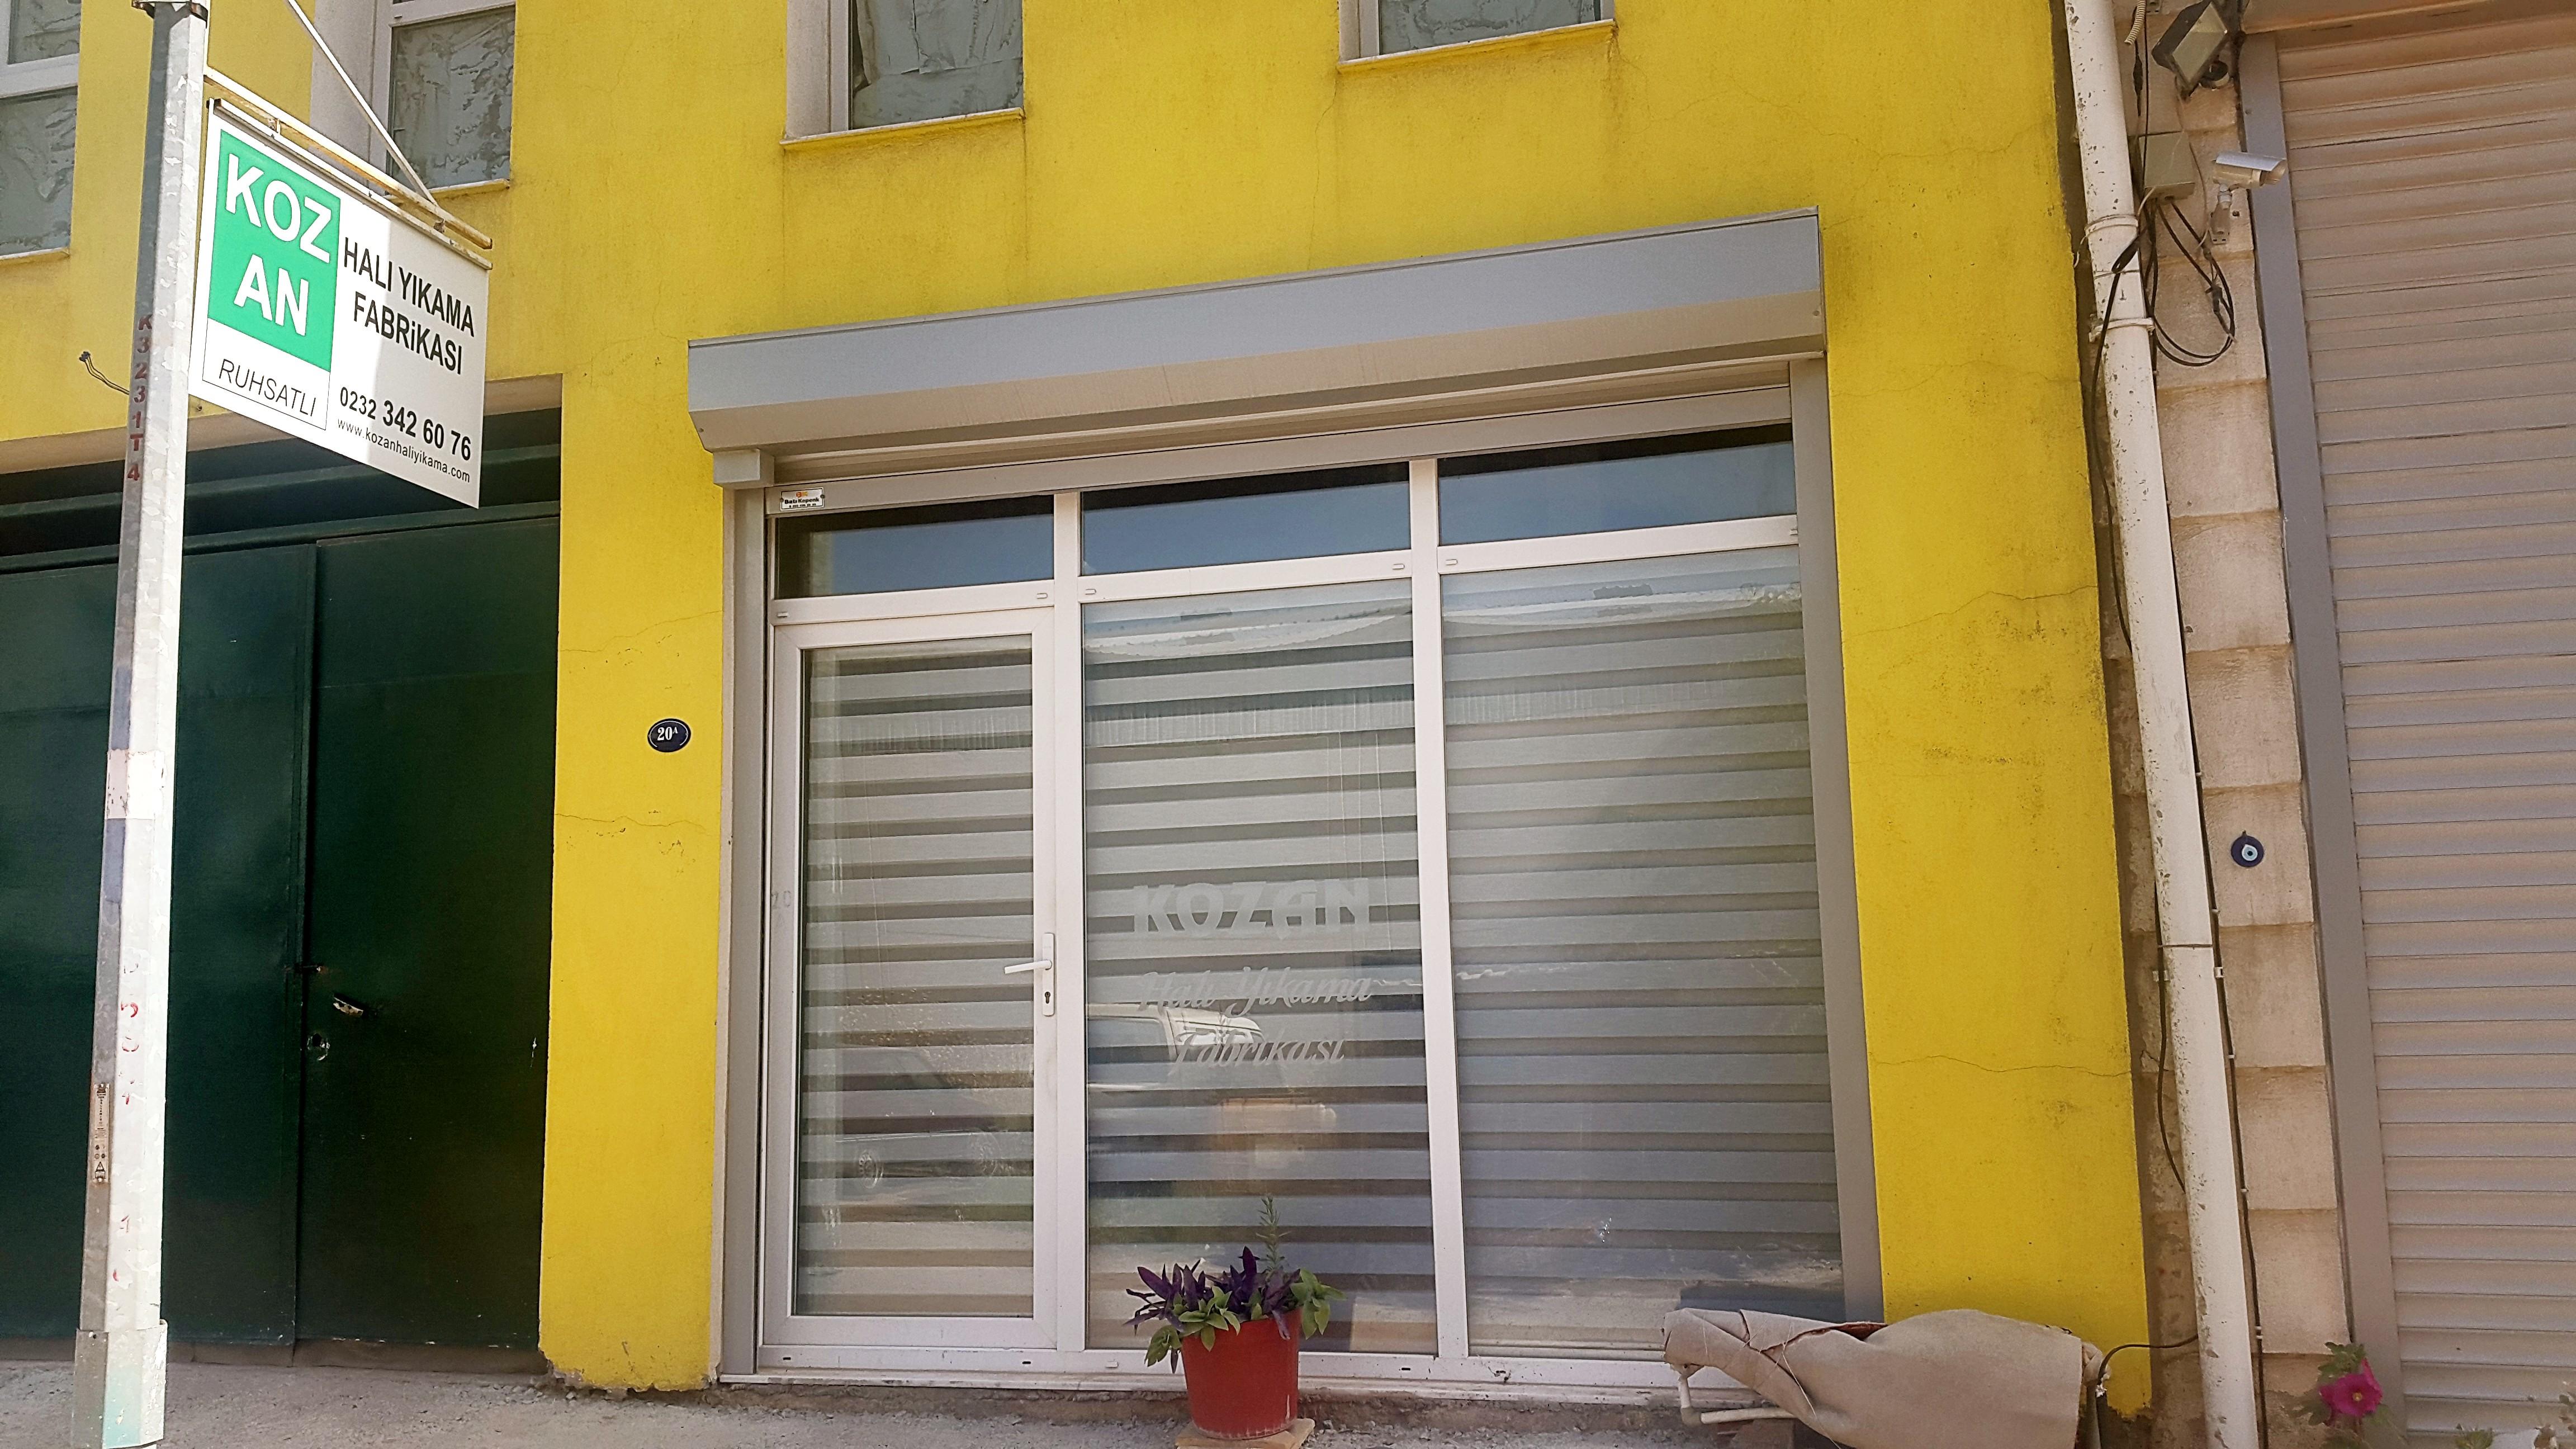 İzmir Halı Yıkama 02323426076 bornova halı yıkama fabrikası(1)